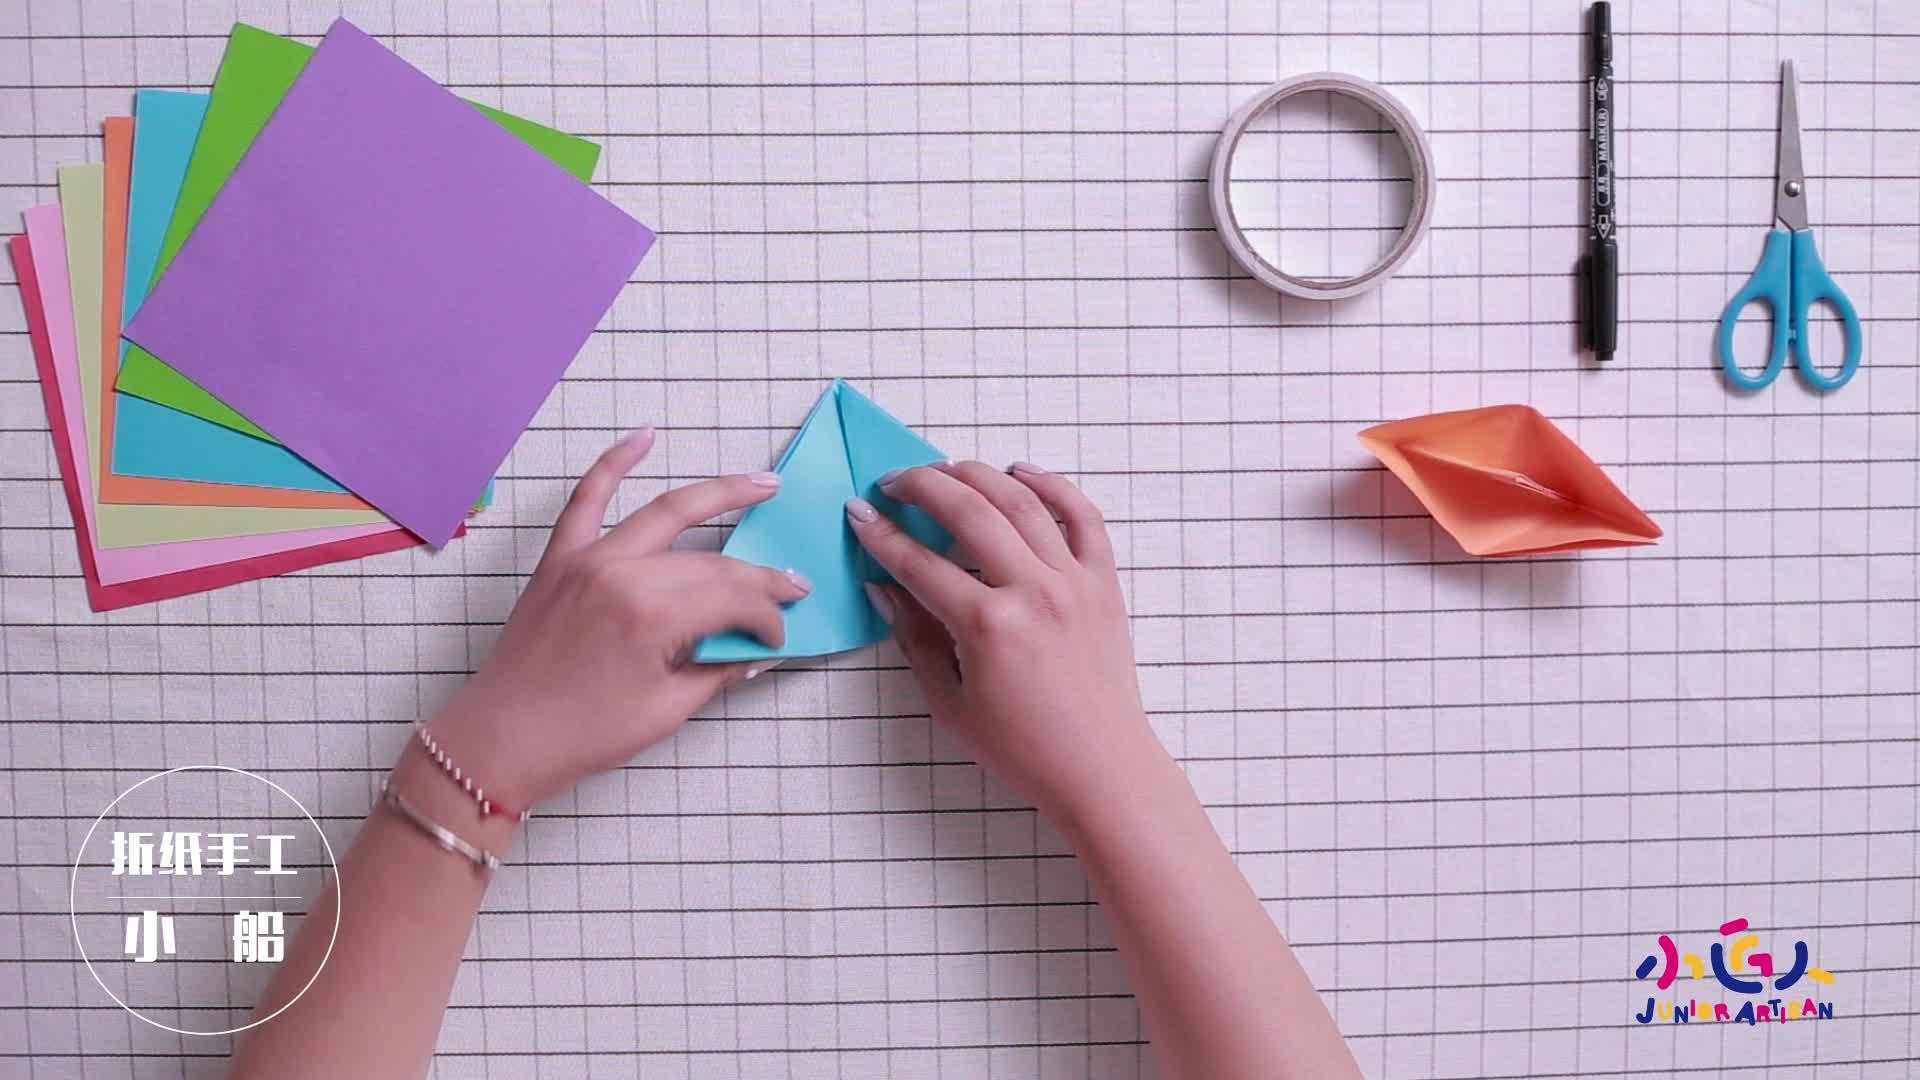 手工折纸船大全 折纸船的方法视频 教你如何折纸小船